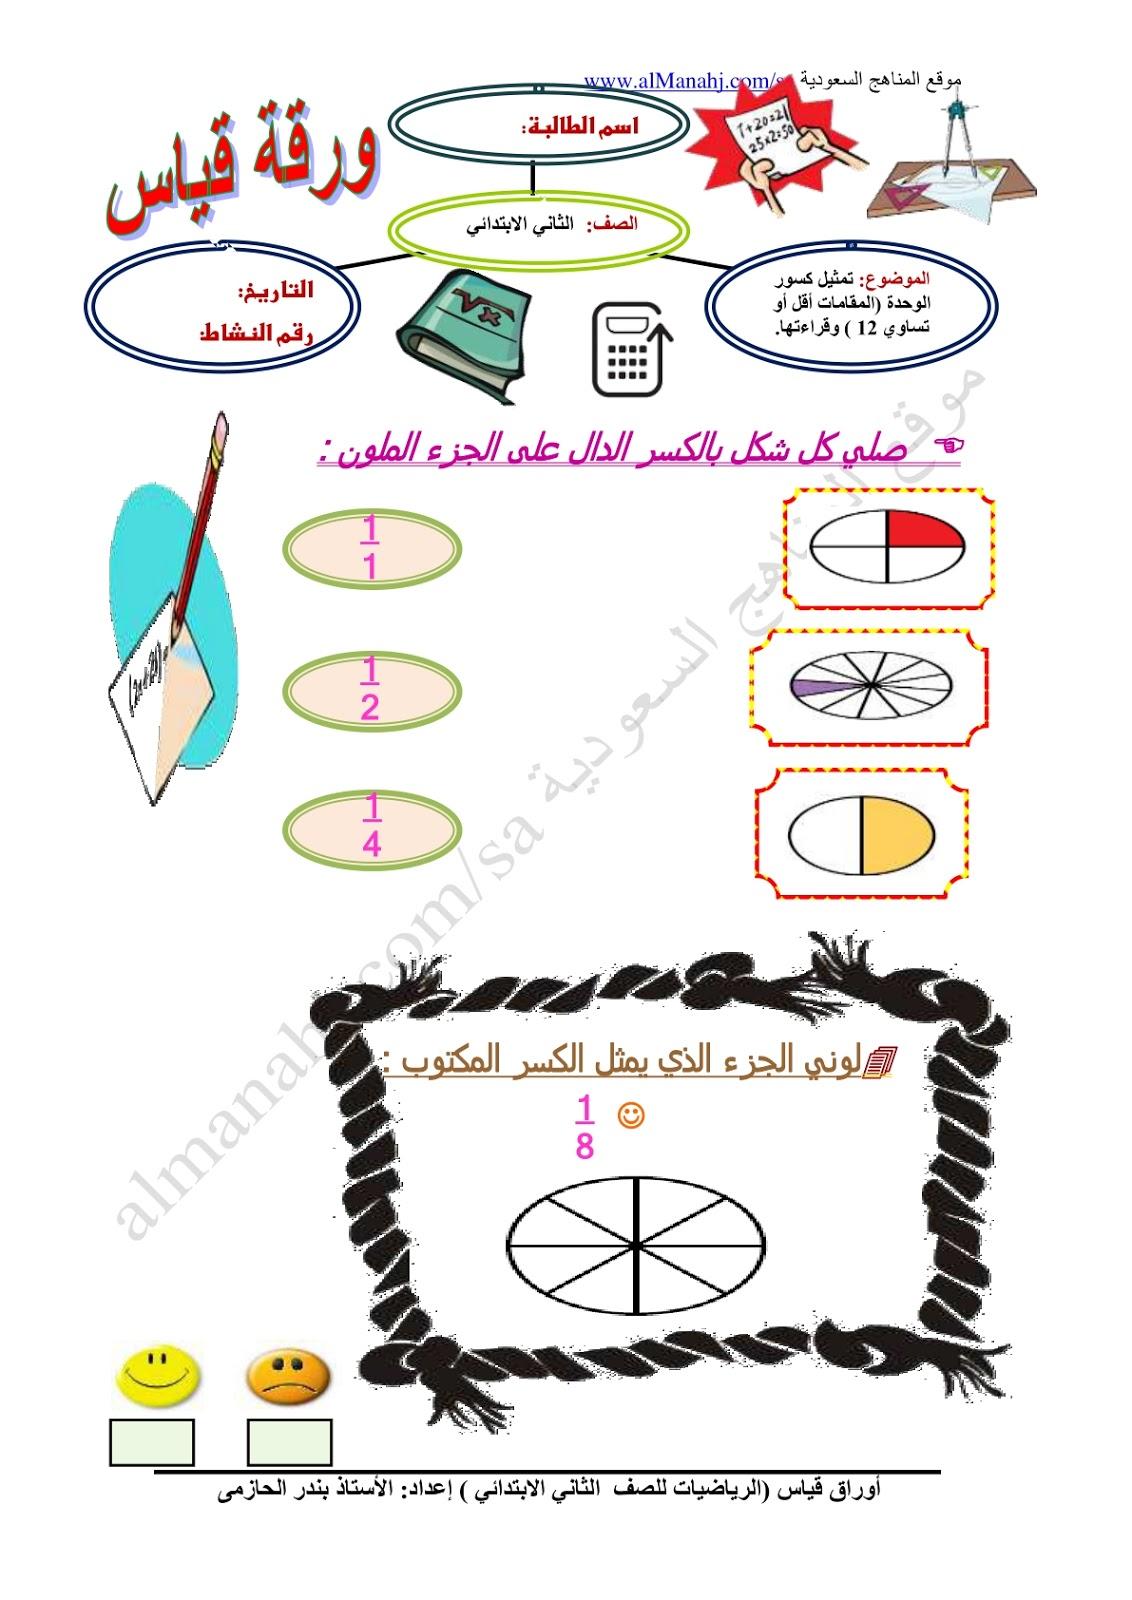 رابط تحميل كتب المناهج السعودية